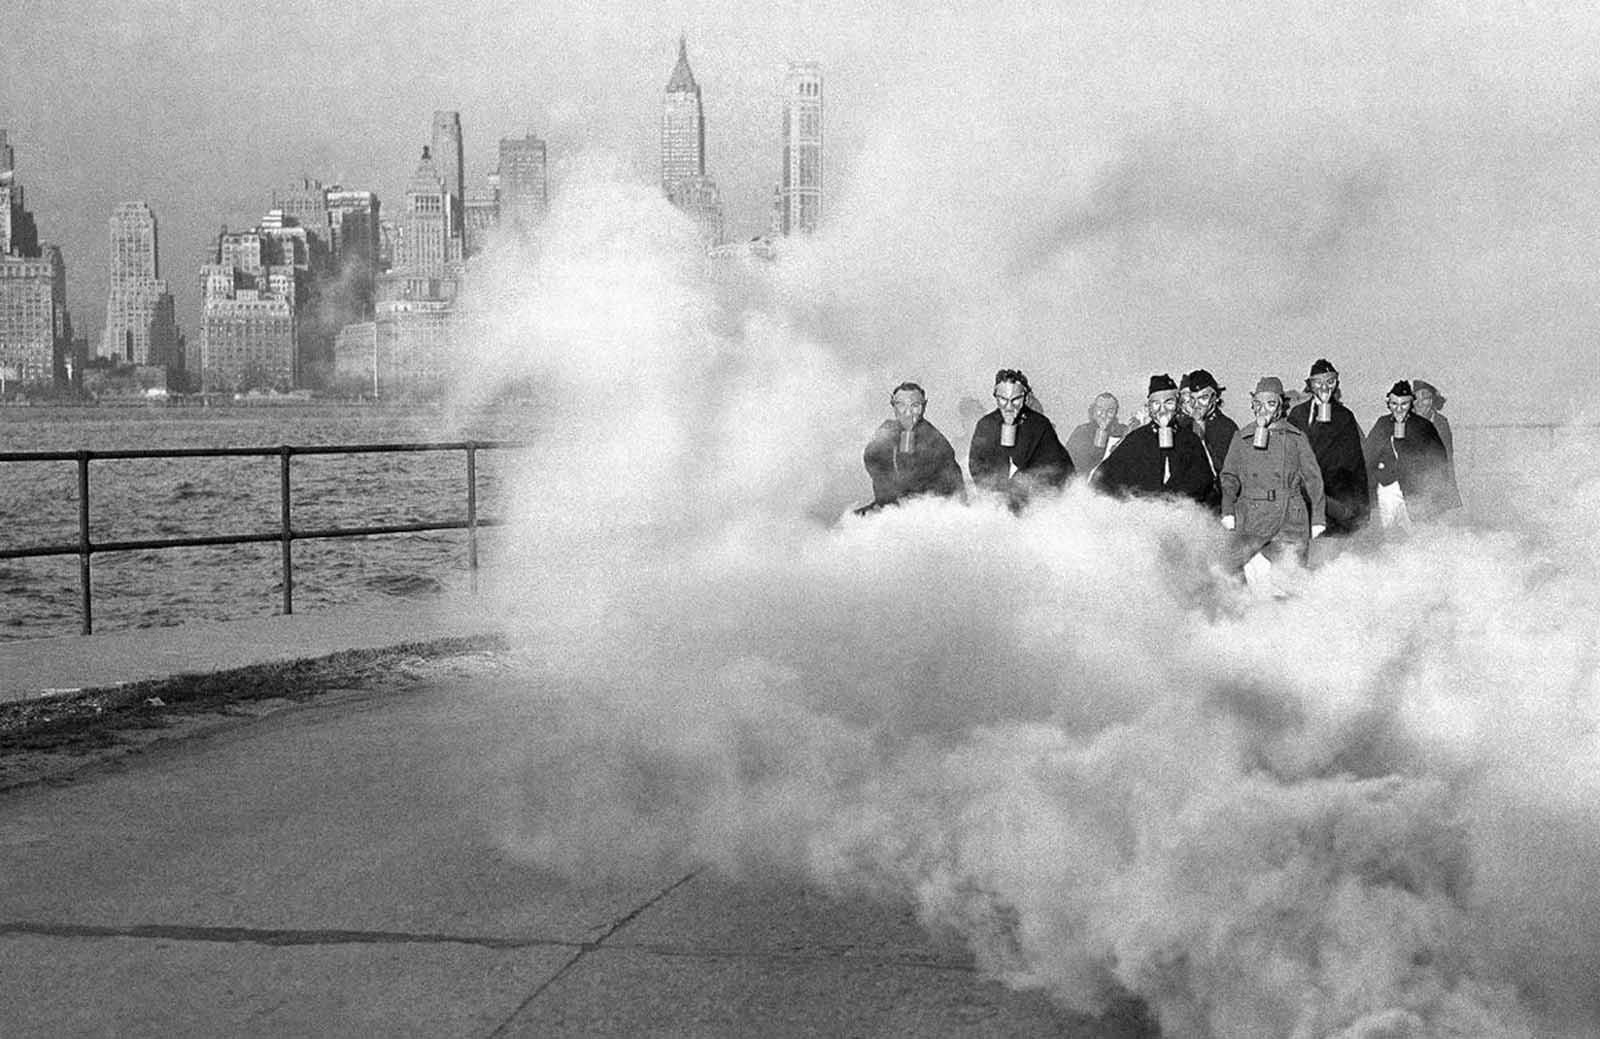 El 27 de noviembre de 1941, algunos de los rascacielos de Nueva York que se cernían sobre nubes de gas, algunas enfermeras del ejército de los EE. UU. En el puesto del hospital en Fort Jay, Governors Island, Nueva York, usan máscaras de gas mientras perforan las precauciones de defensa.